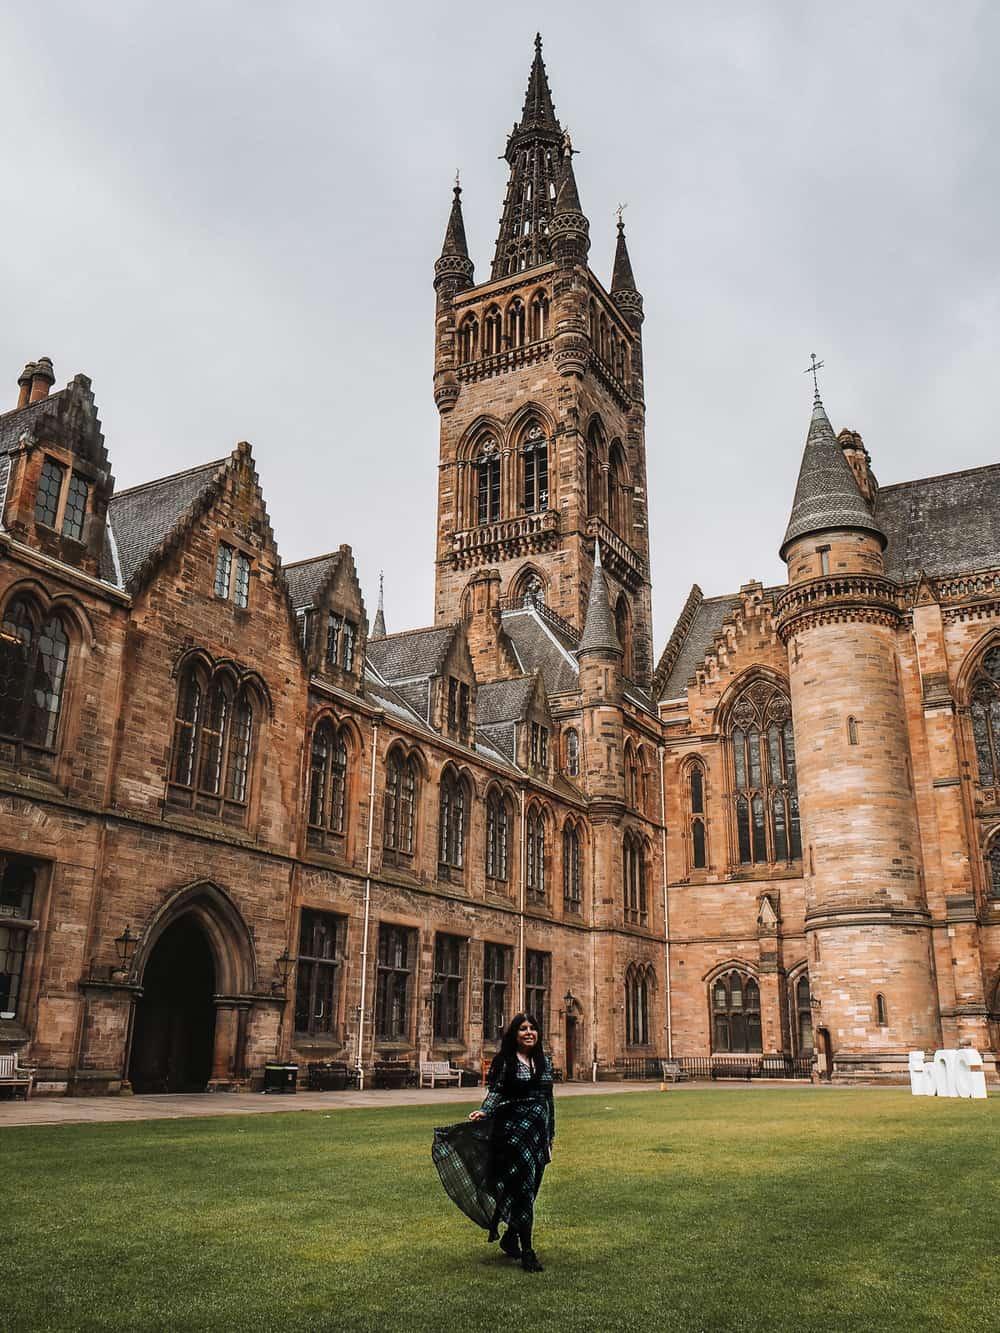 University of Glasgow History